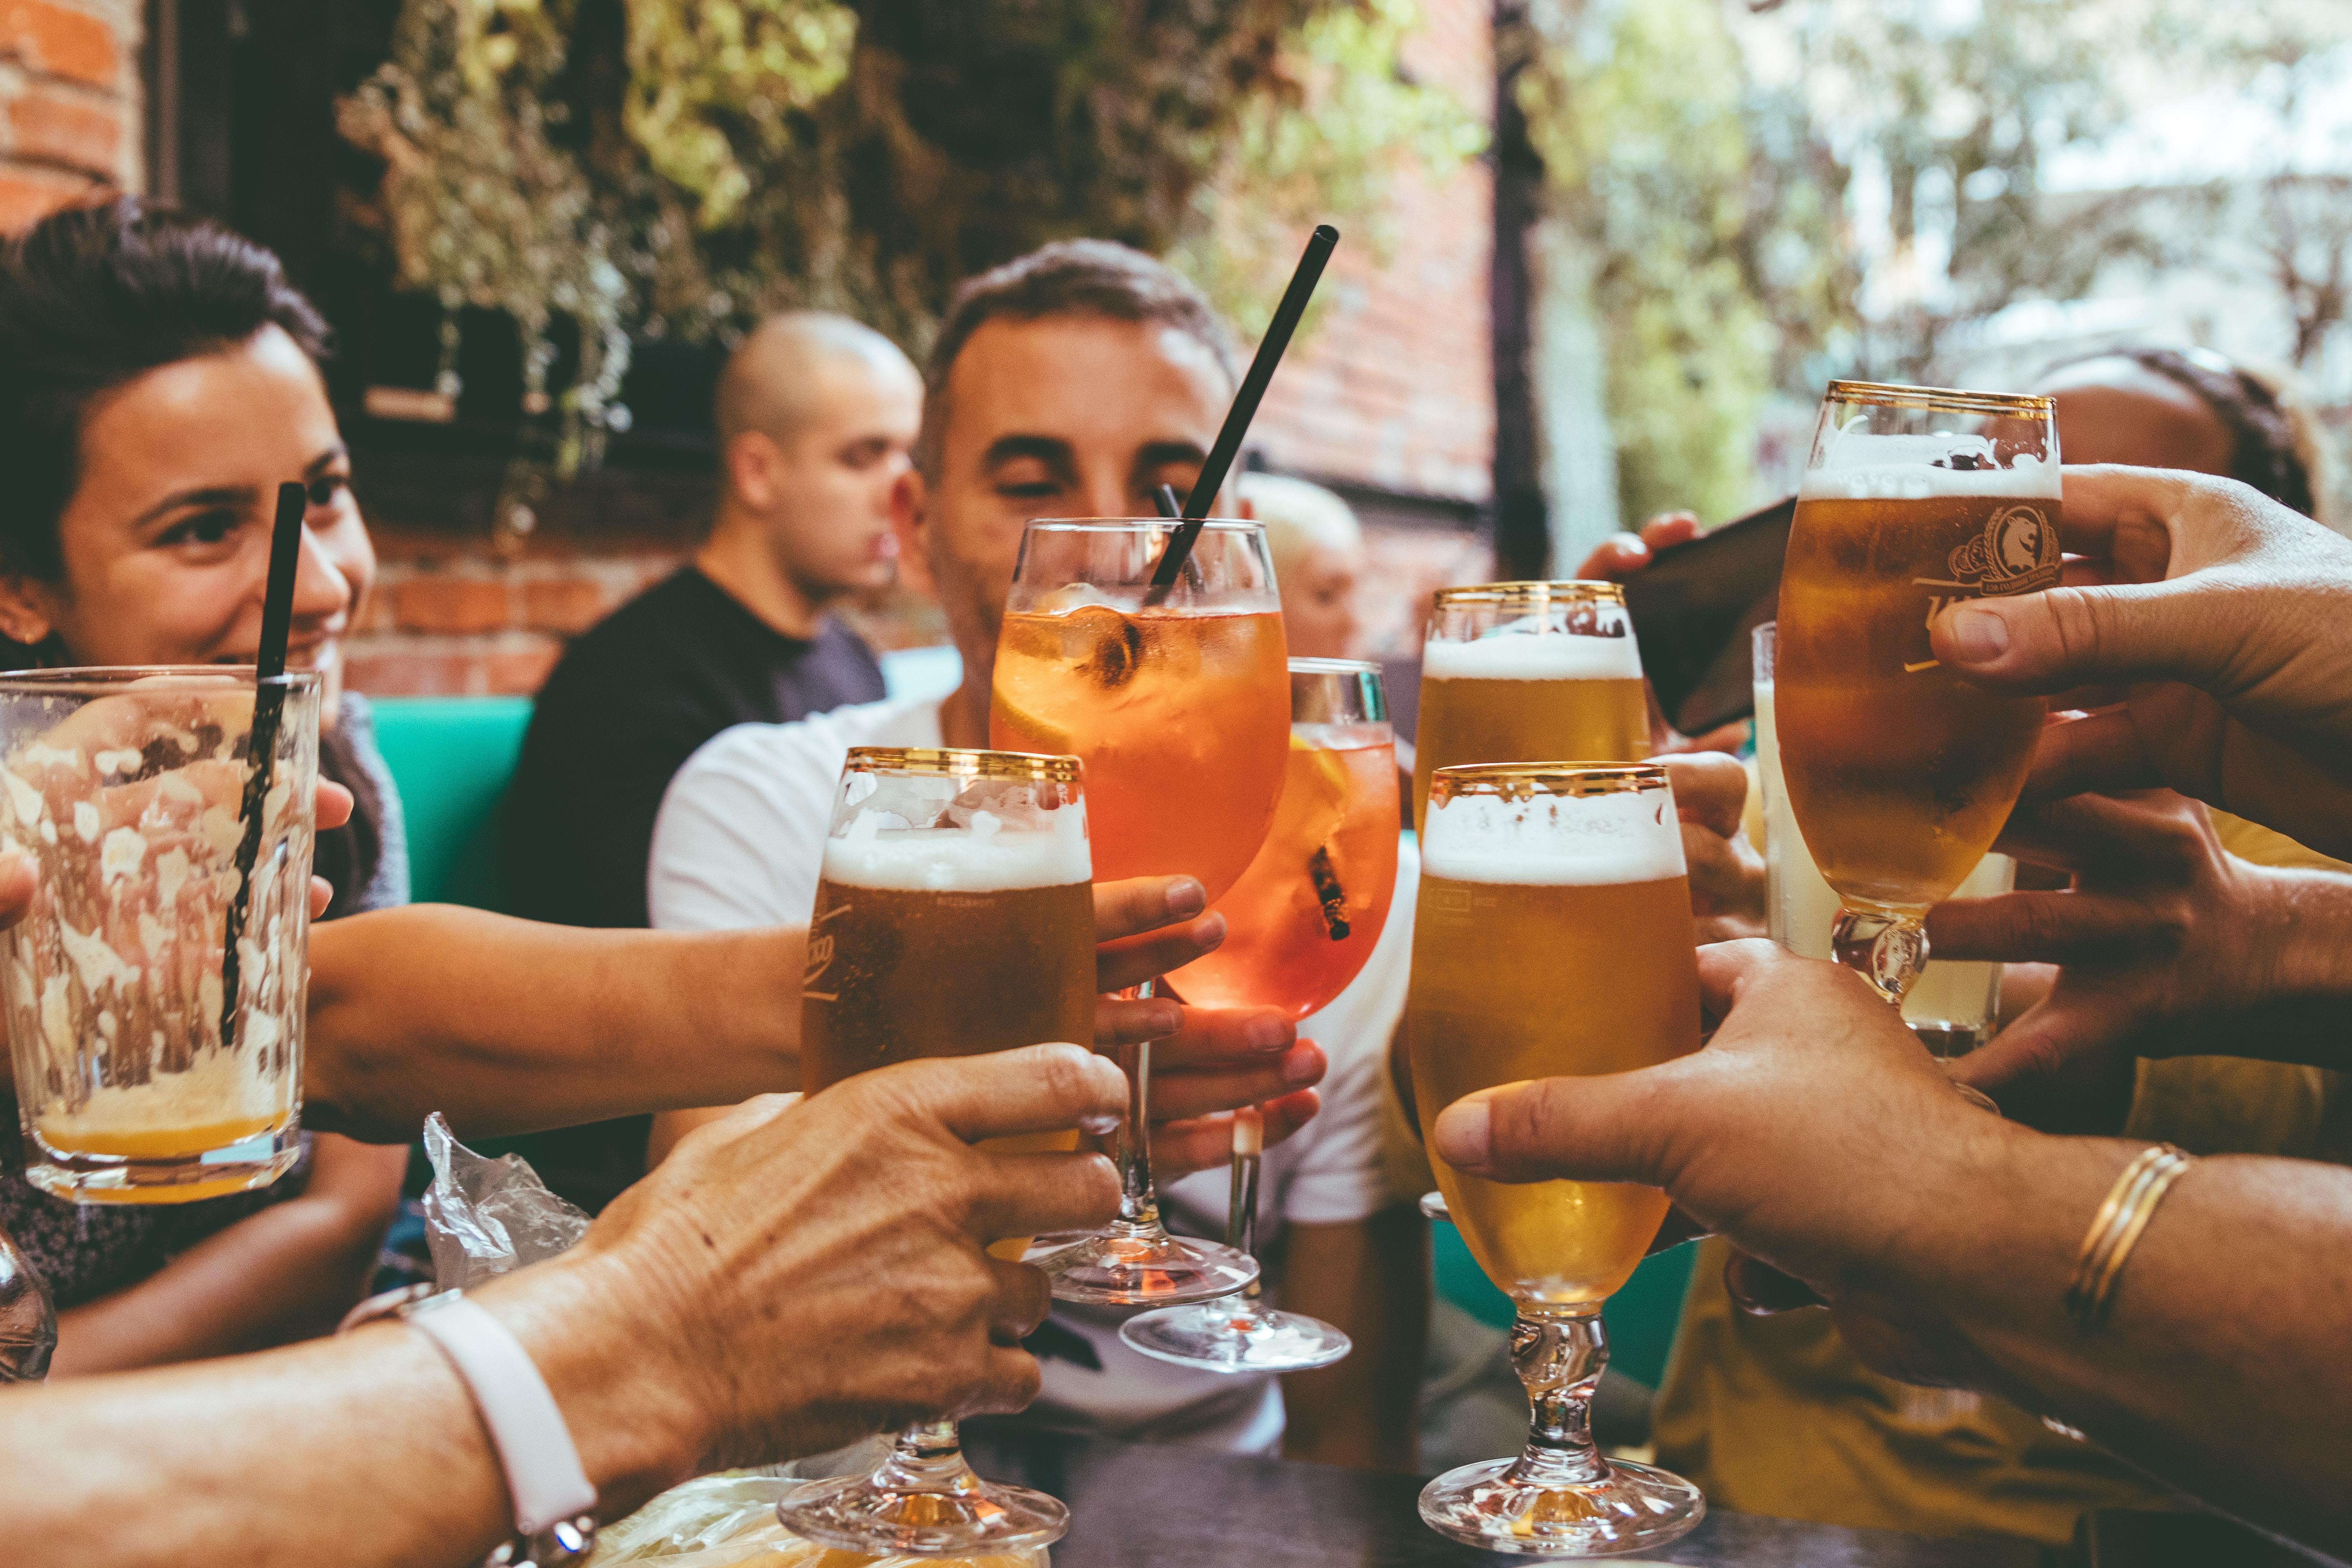 After-Work-Drink mit Kollegen? Spaß für die einen, lästige Pflicht für die meisten